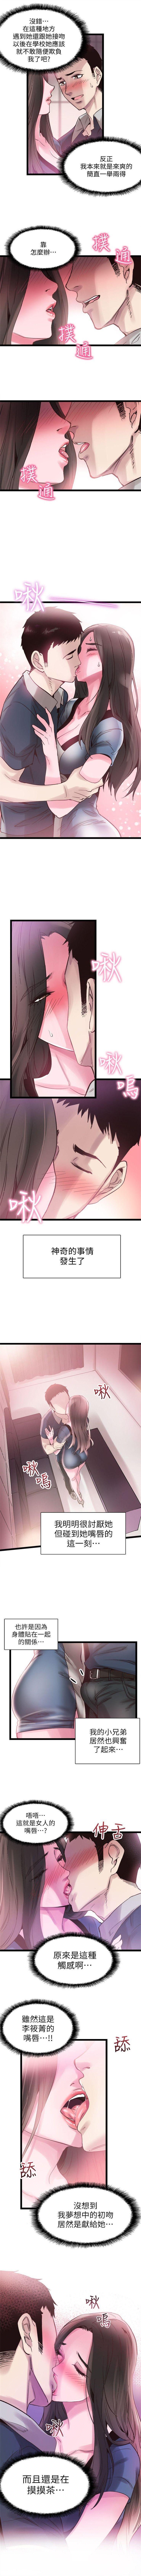 校园live秀 1-20 中文翻译(更新中) 62